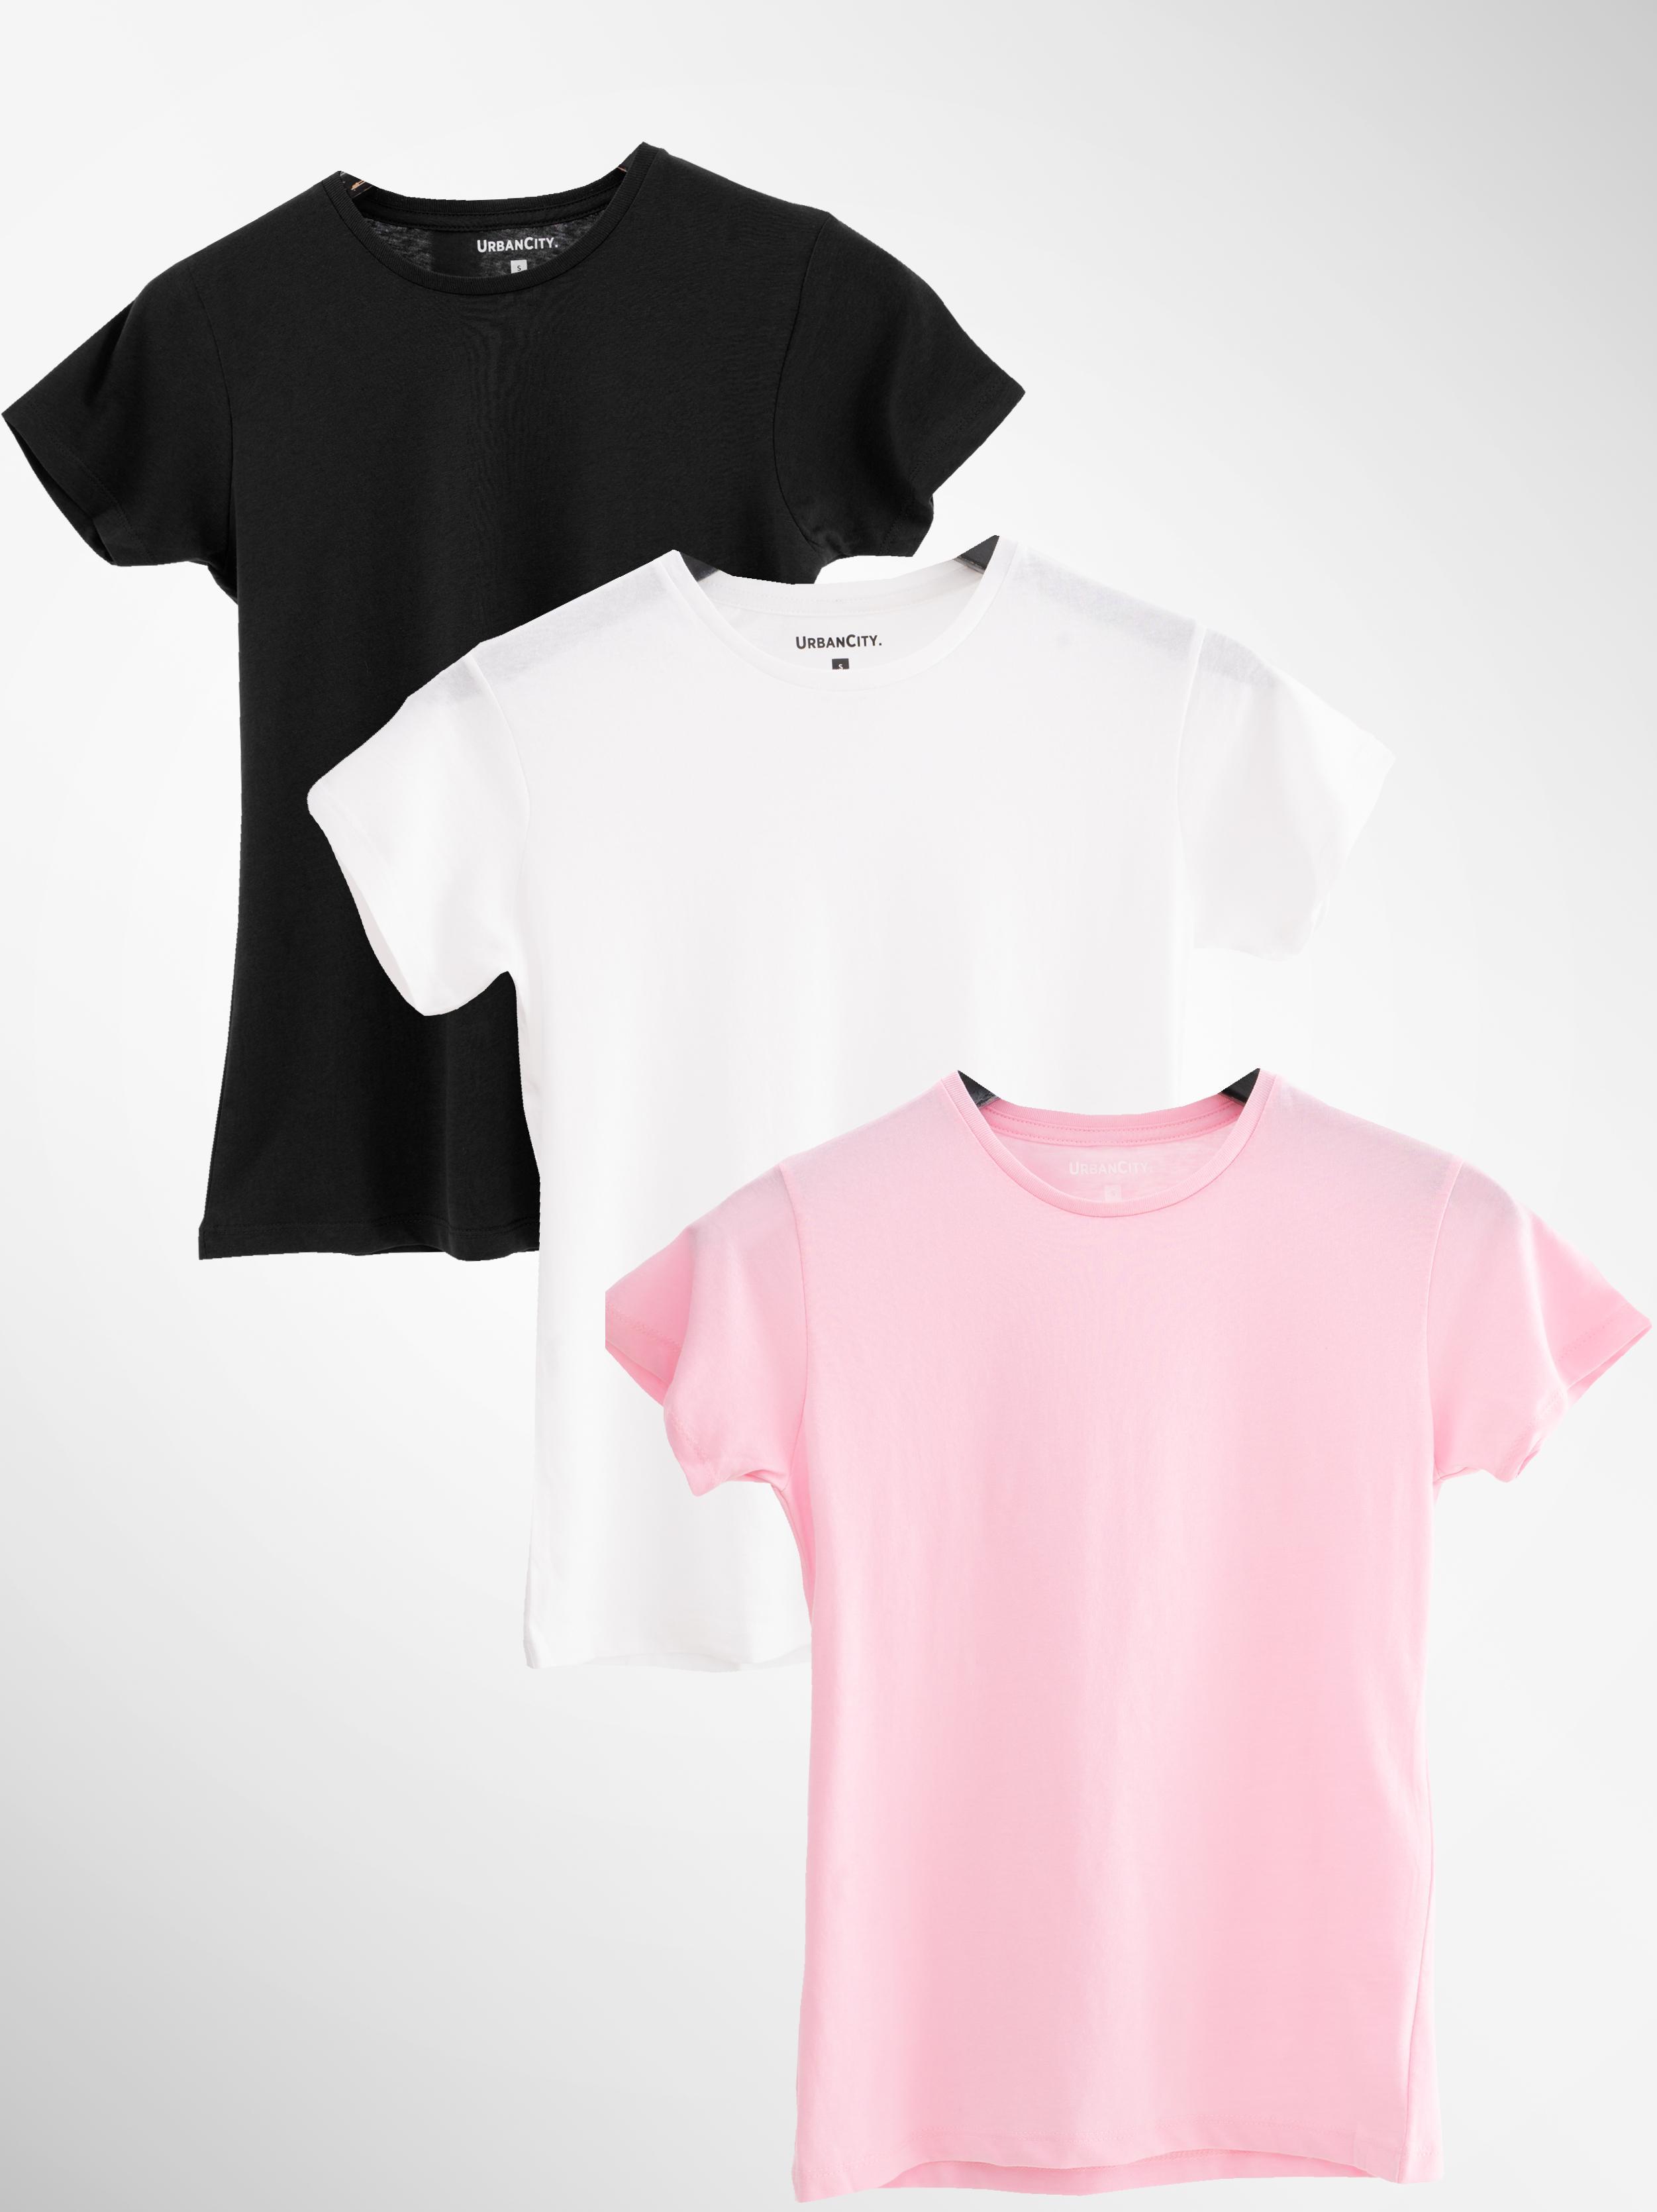 Zestaw 3 Damskich T-Shirtów Urban City No Logo Basic Czarny / Biały / Różowy